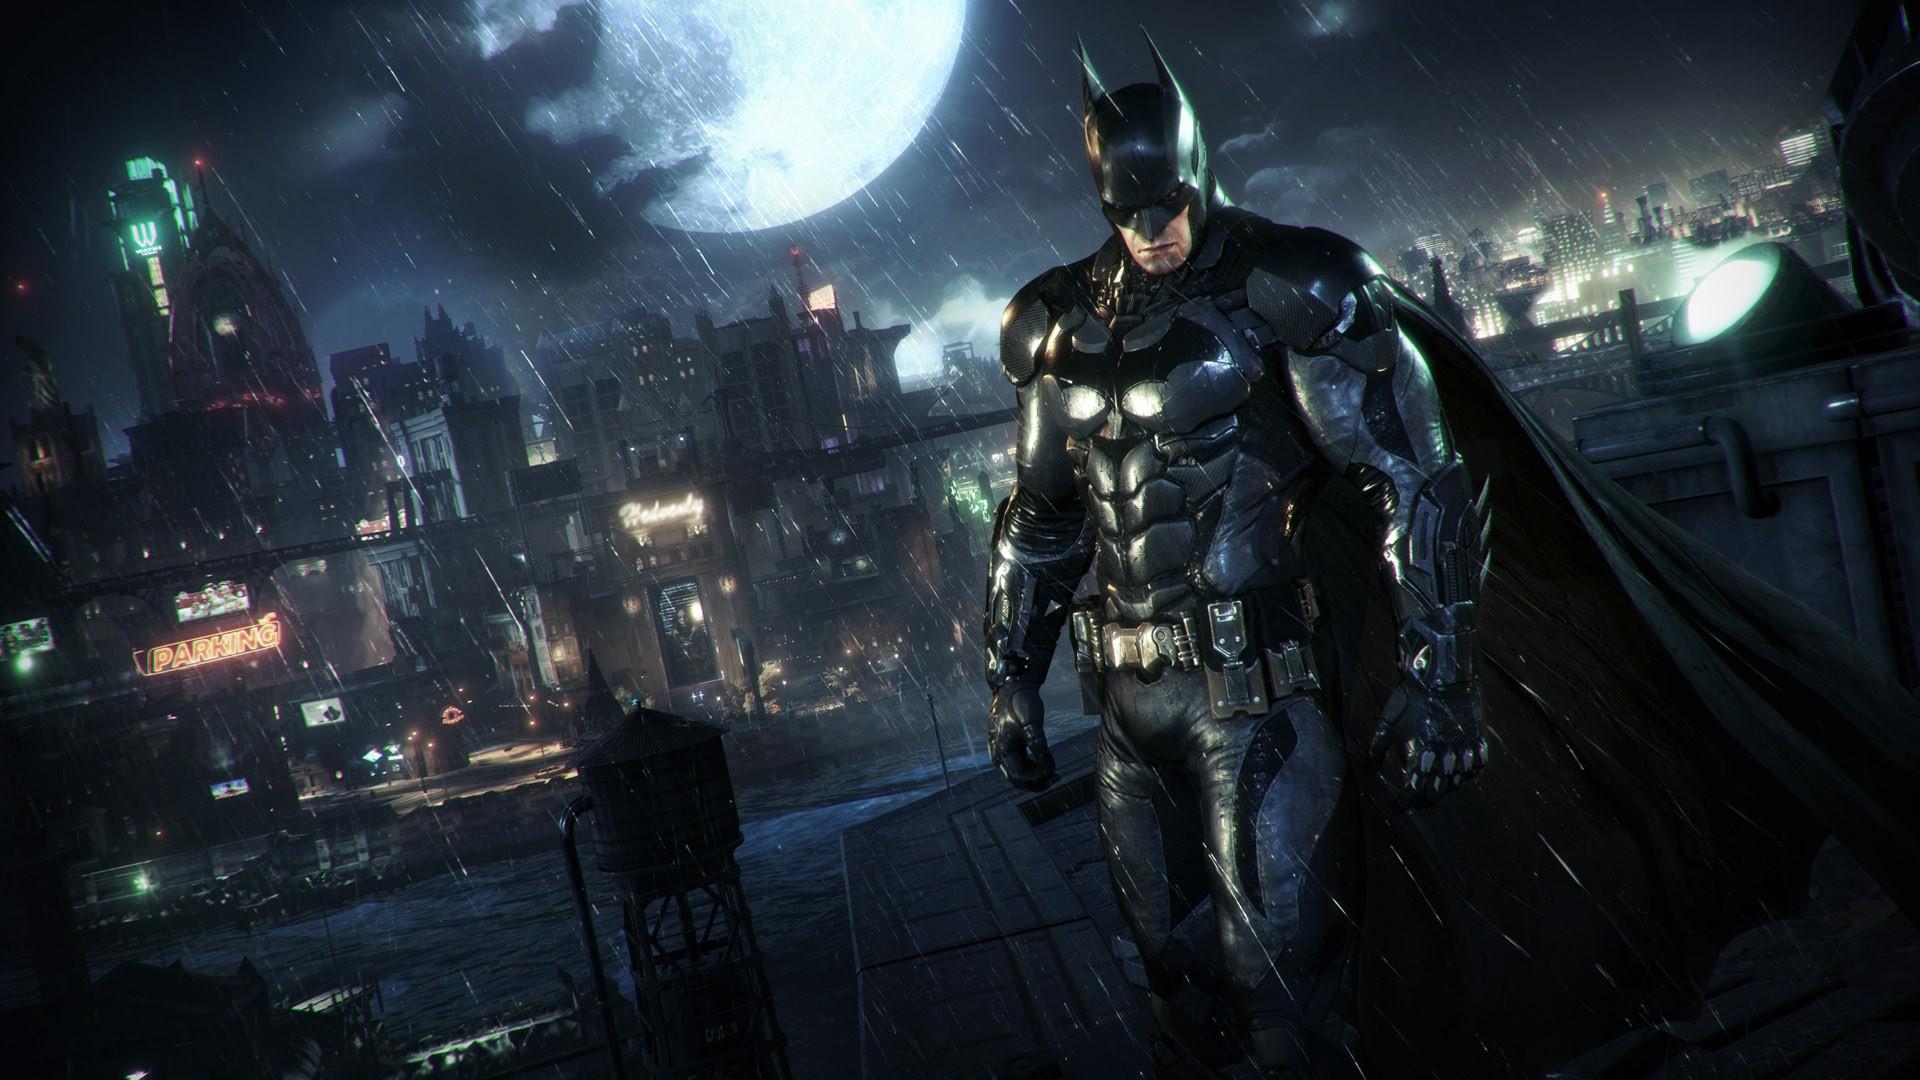 蝙蝠侠阿甘骑士支线任务攻略 冷冻人支线任